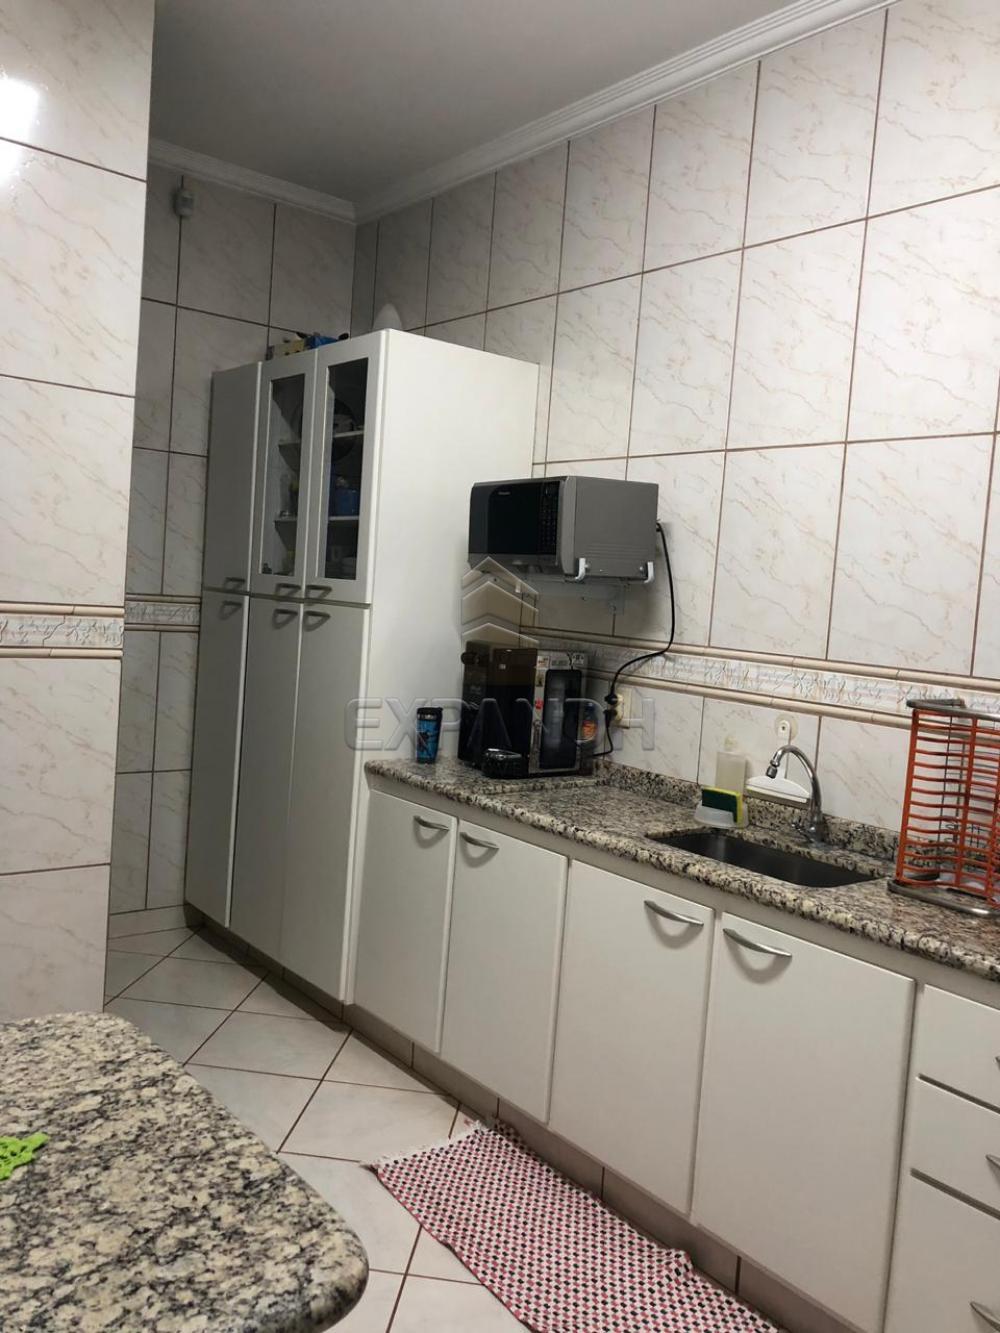 Comprar Casas / Padrão em Sertãozinho apenas R$ 350.000,00 - Foto 6